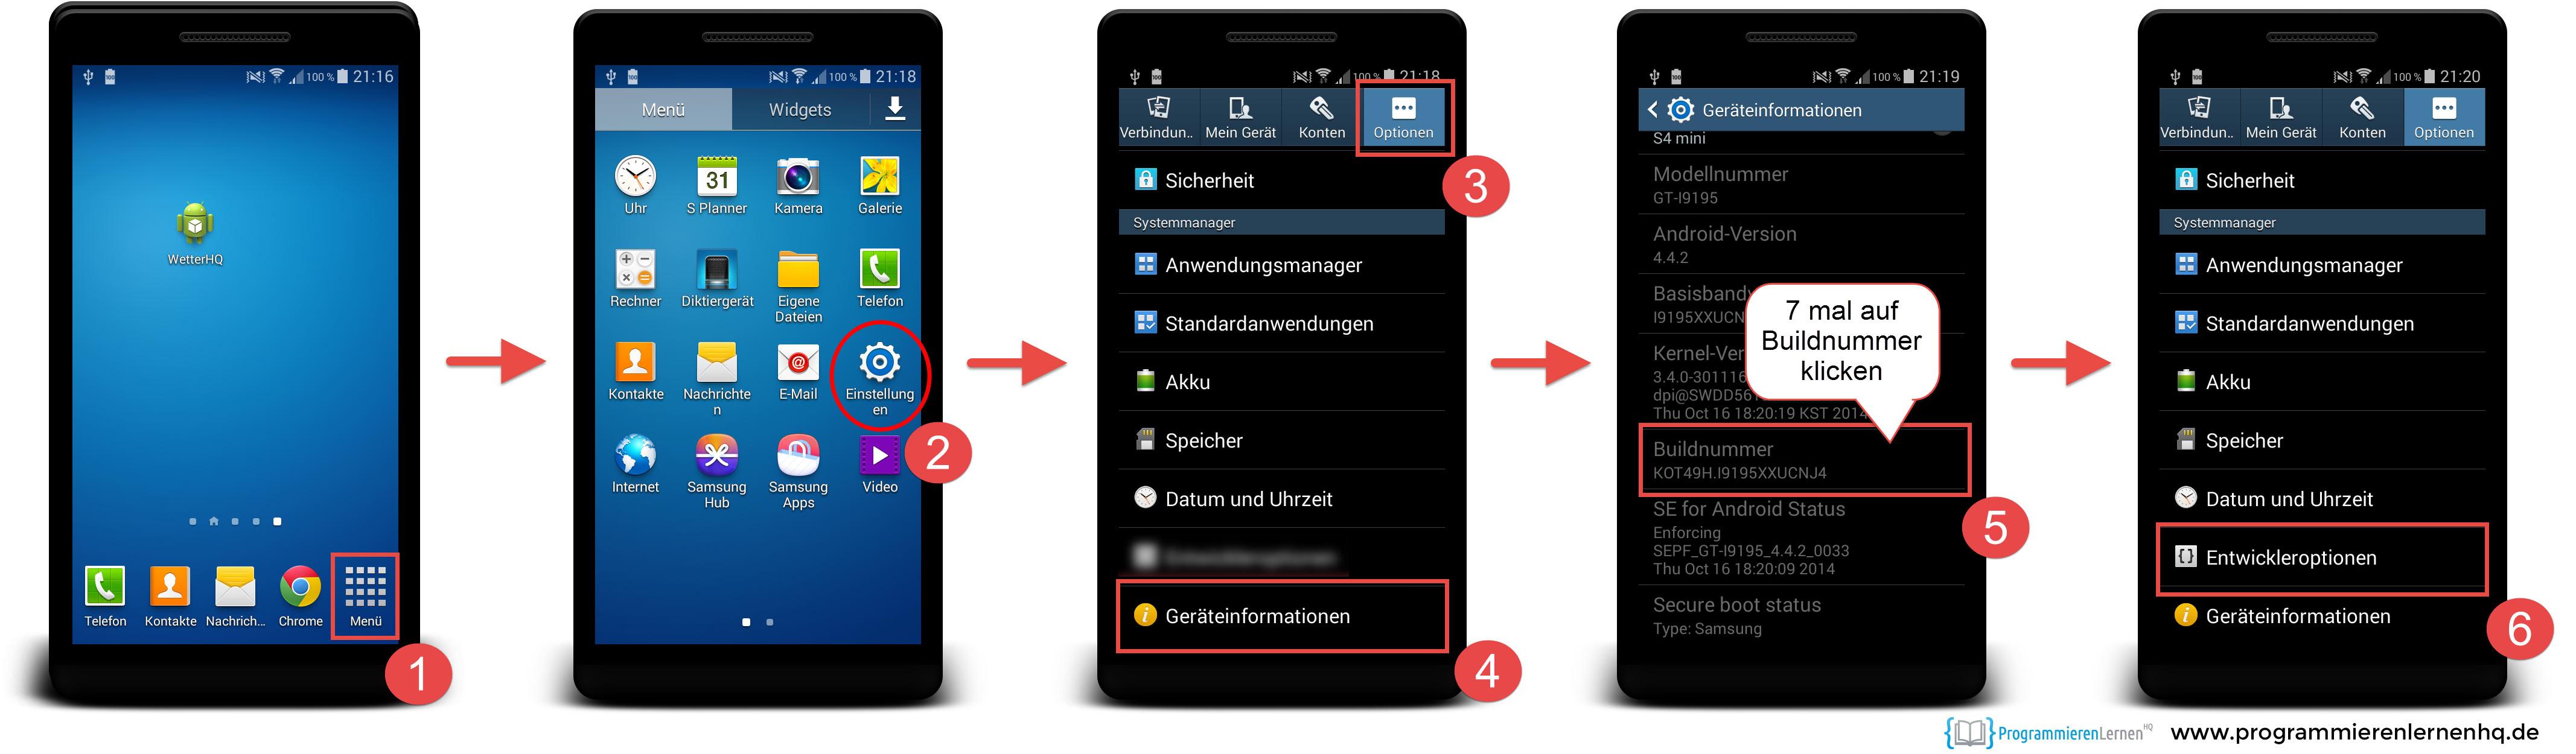 samsung apps herunterladen anleitung